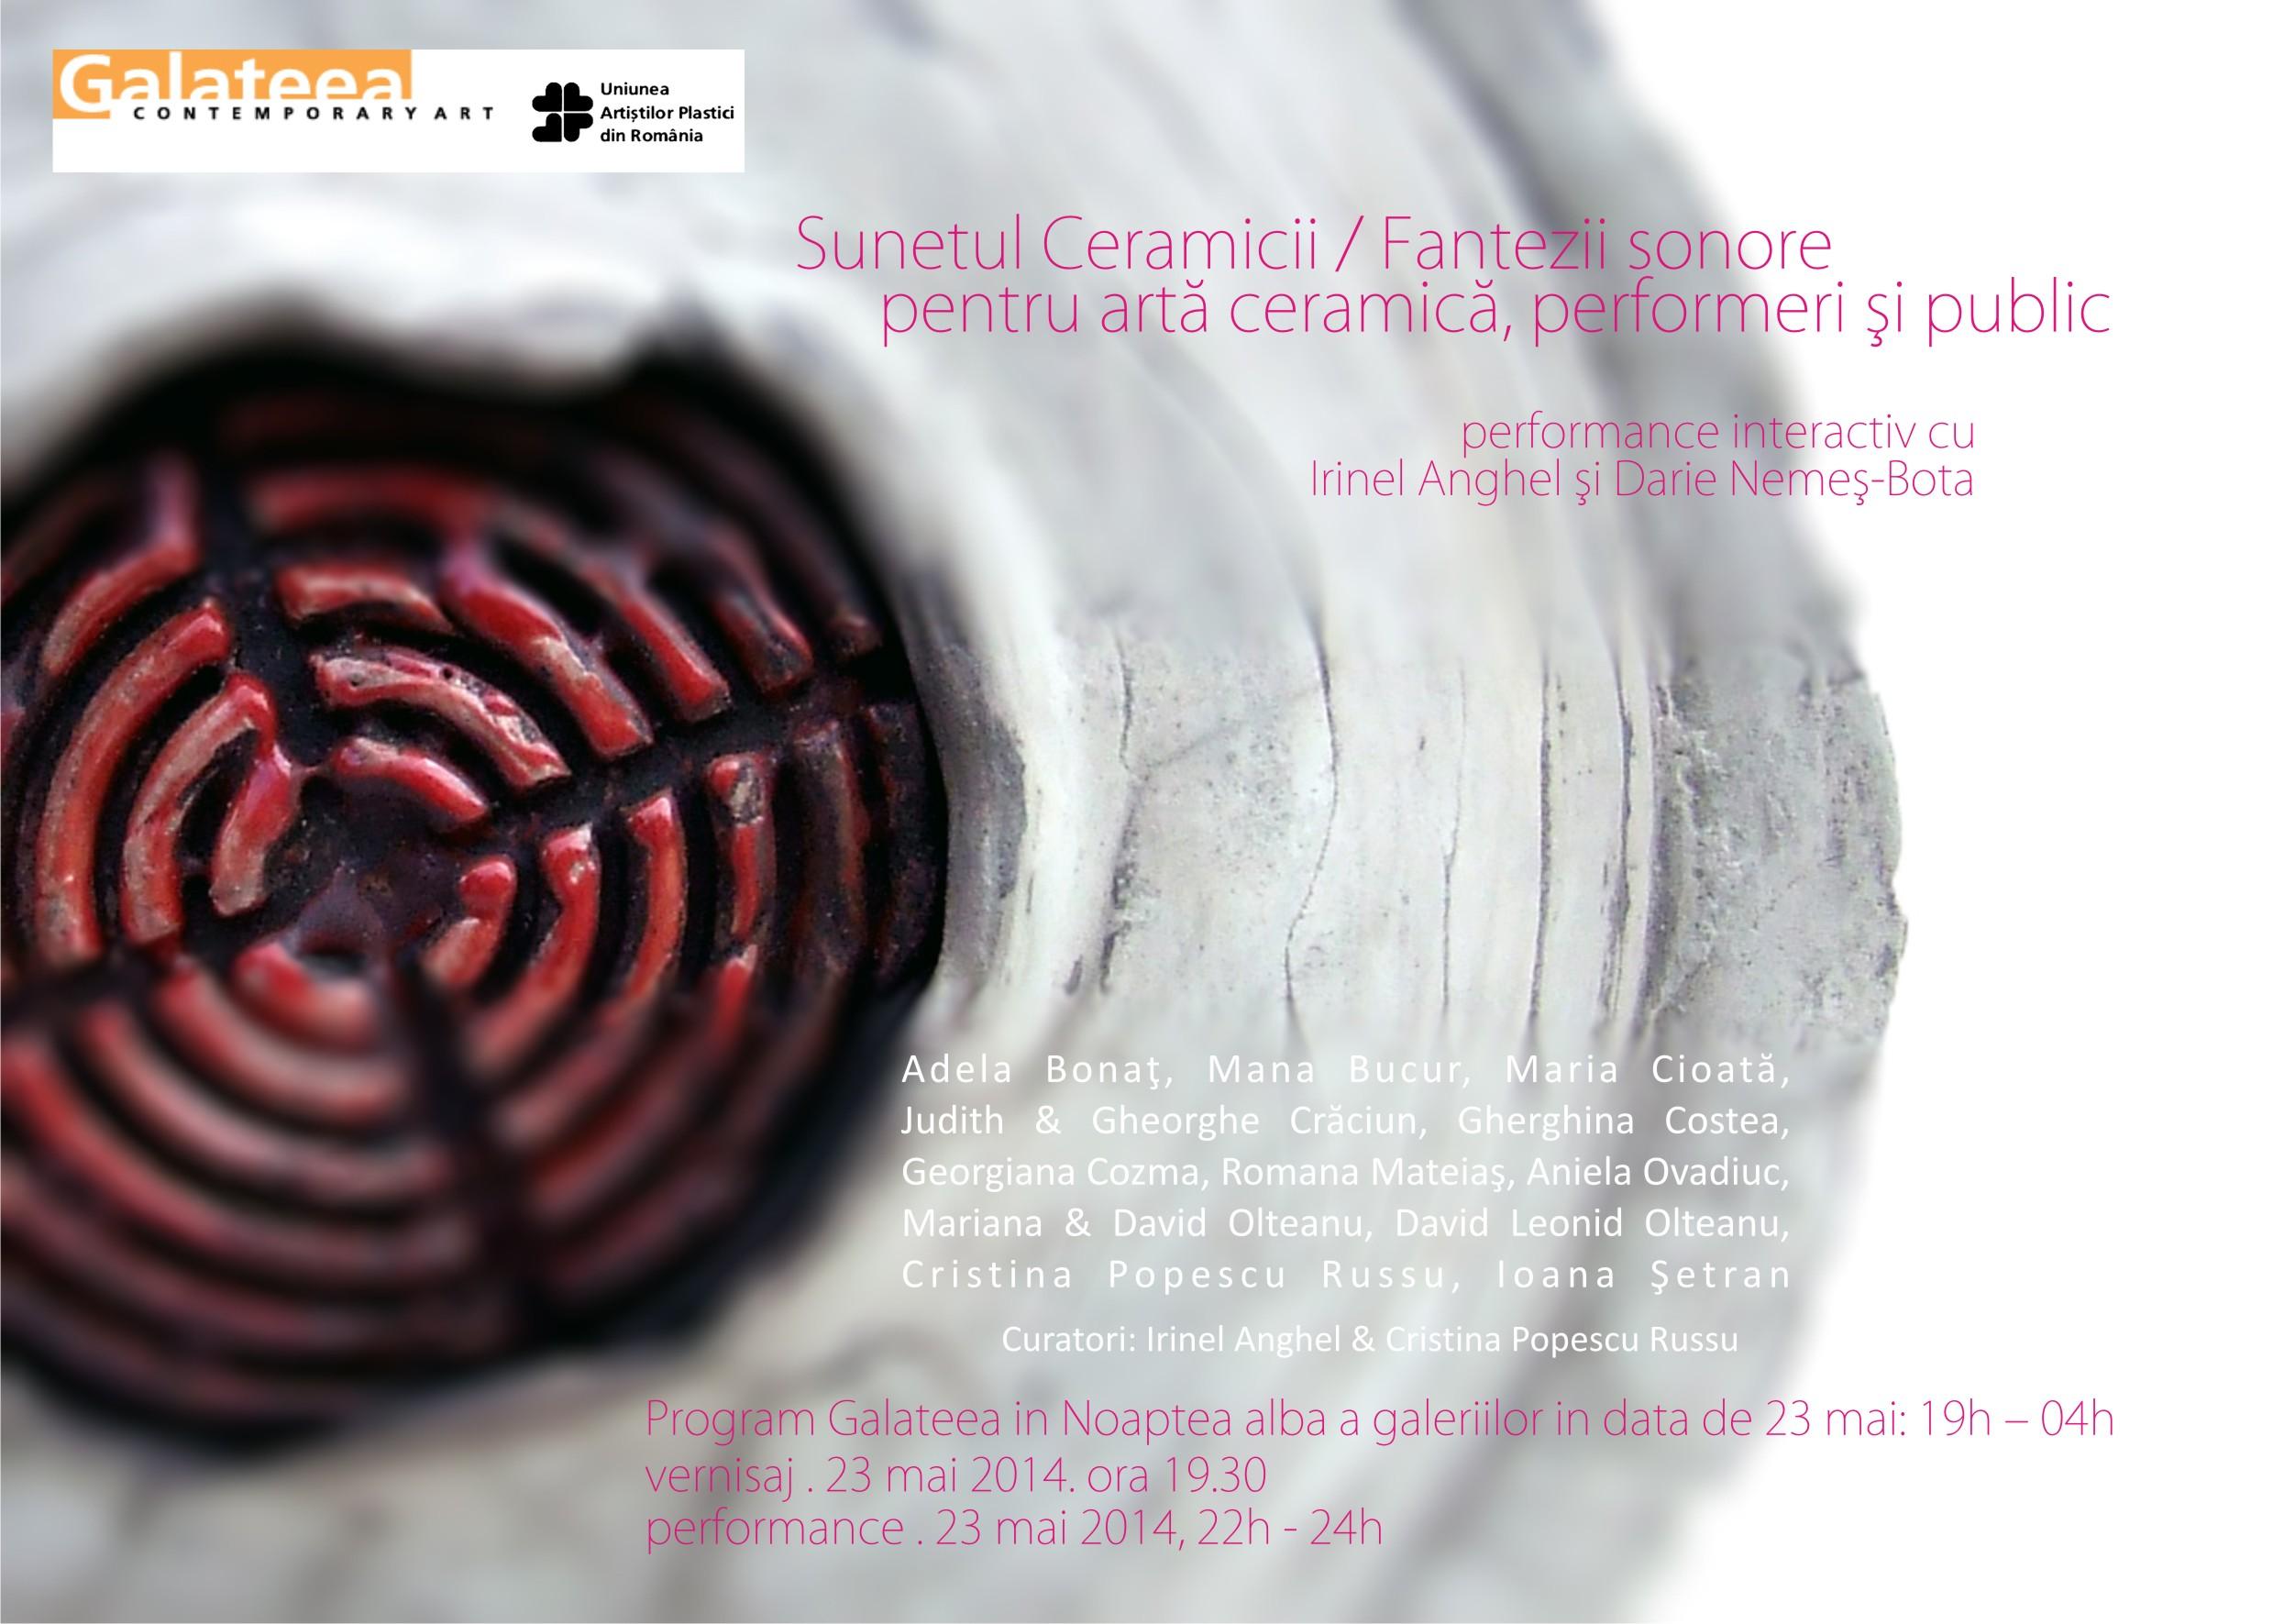 Sunetul Ceramicii / Fantezii sonore pentru artă ceramică, performeri şi public @ Galateea, București